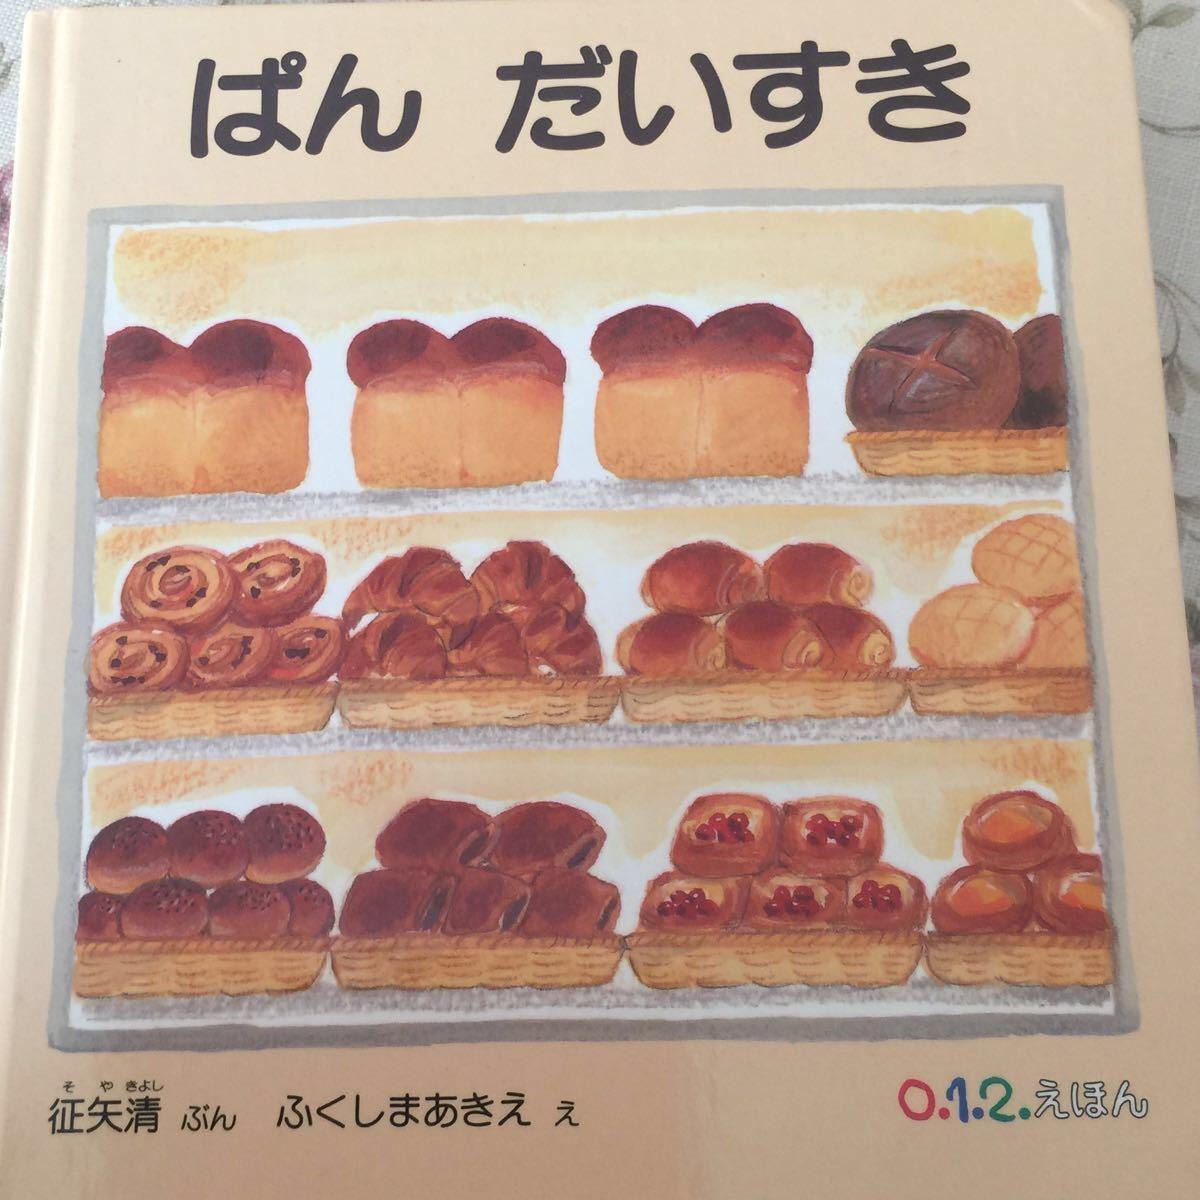 えほん パン だいすき 赤いくつ 2冊